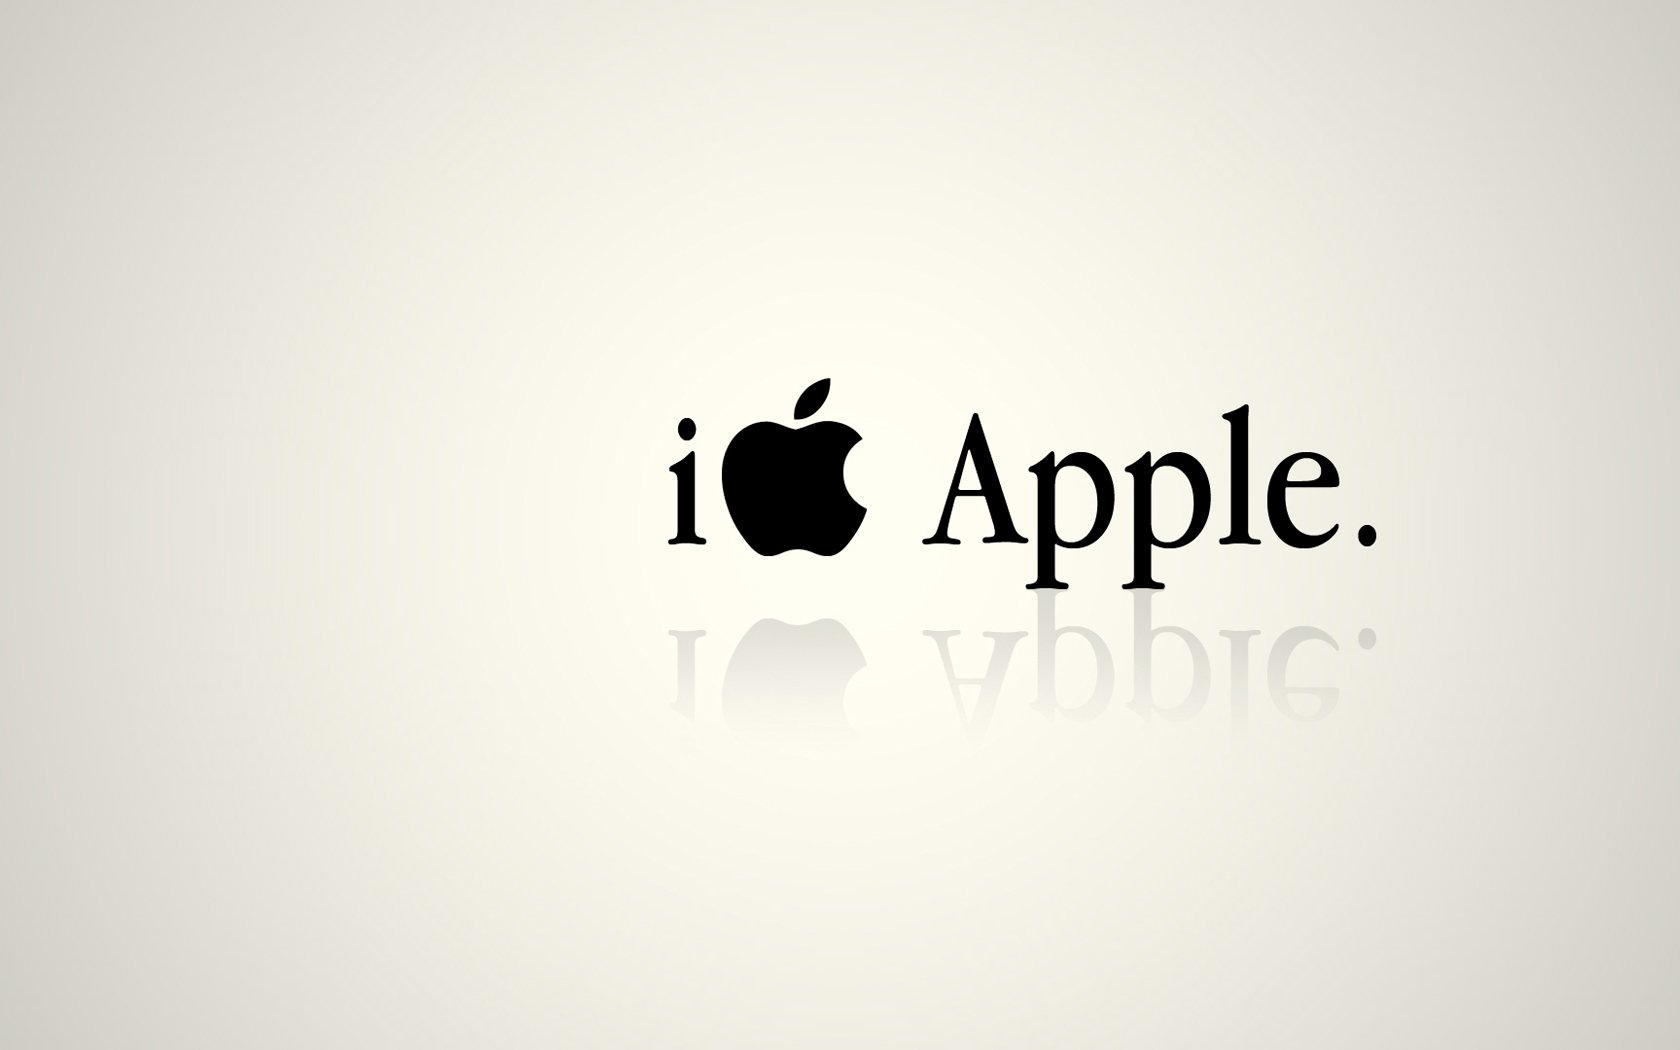 La historia de la 'i' exitosa de Apple